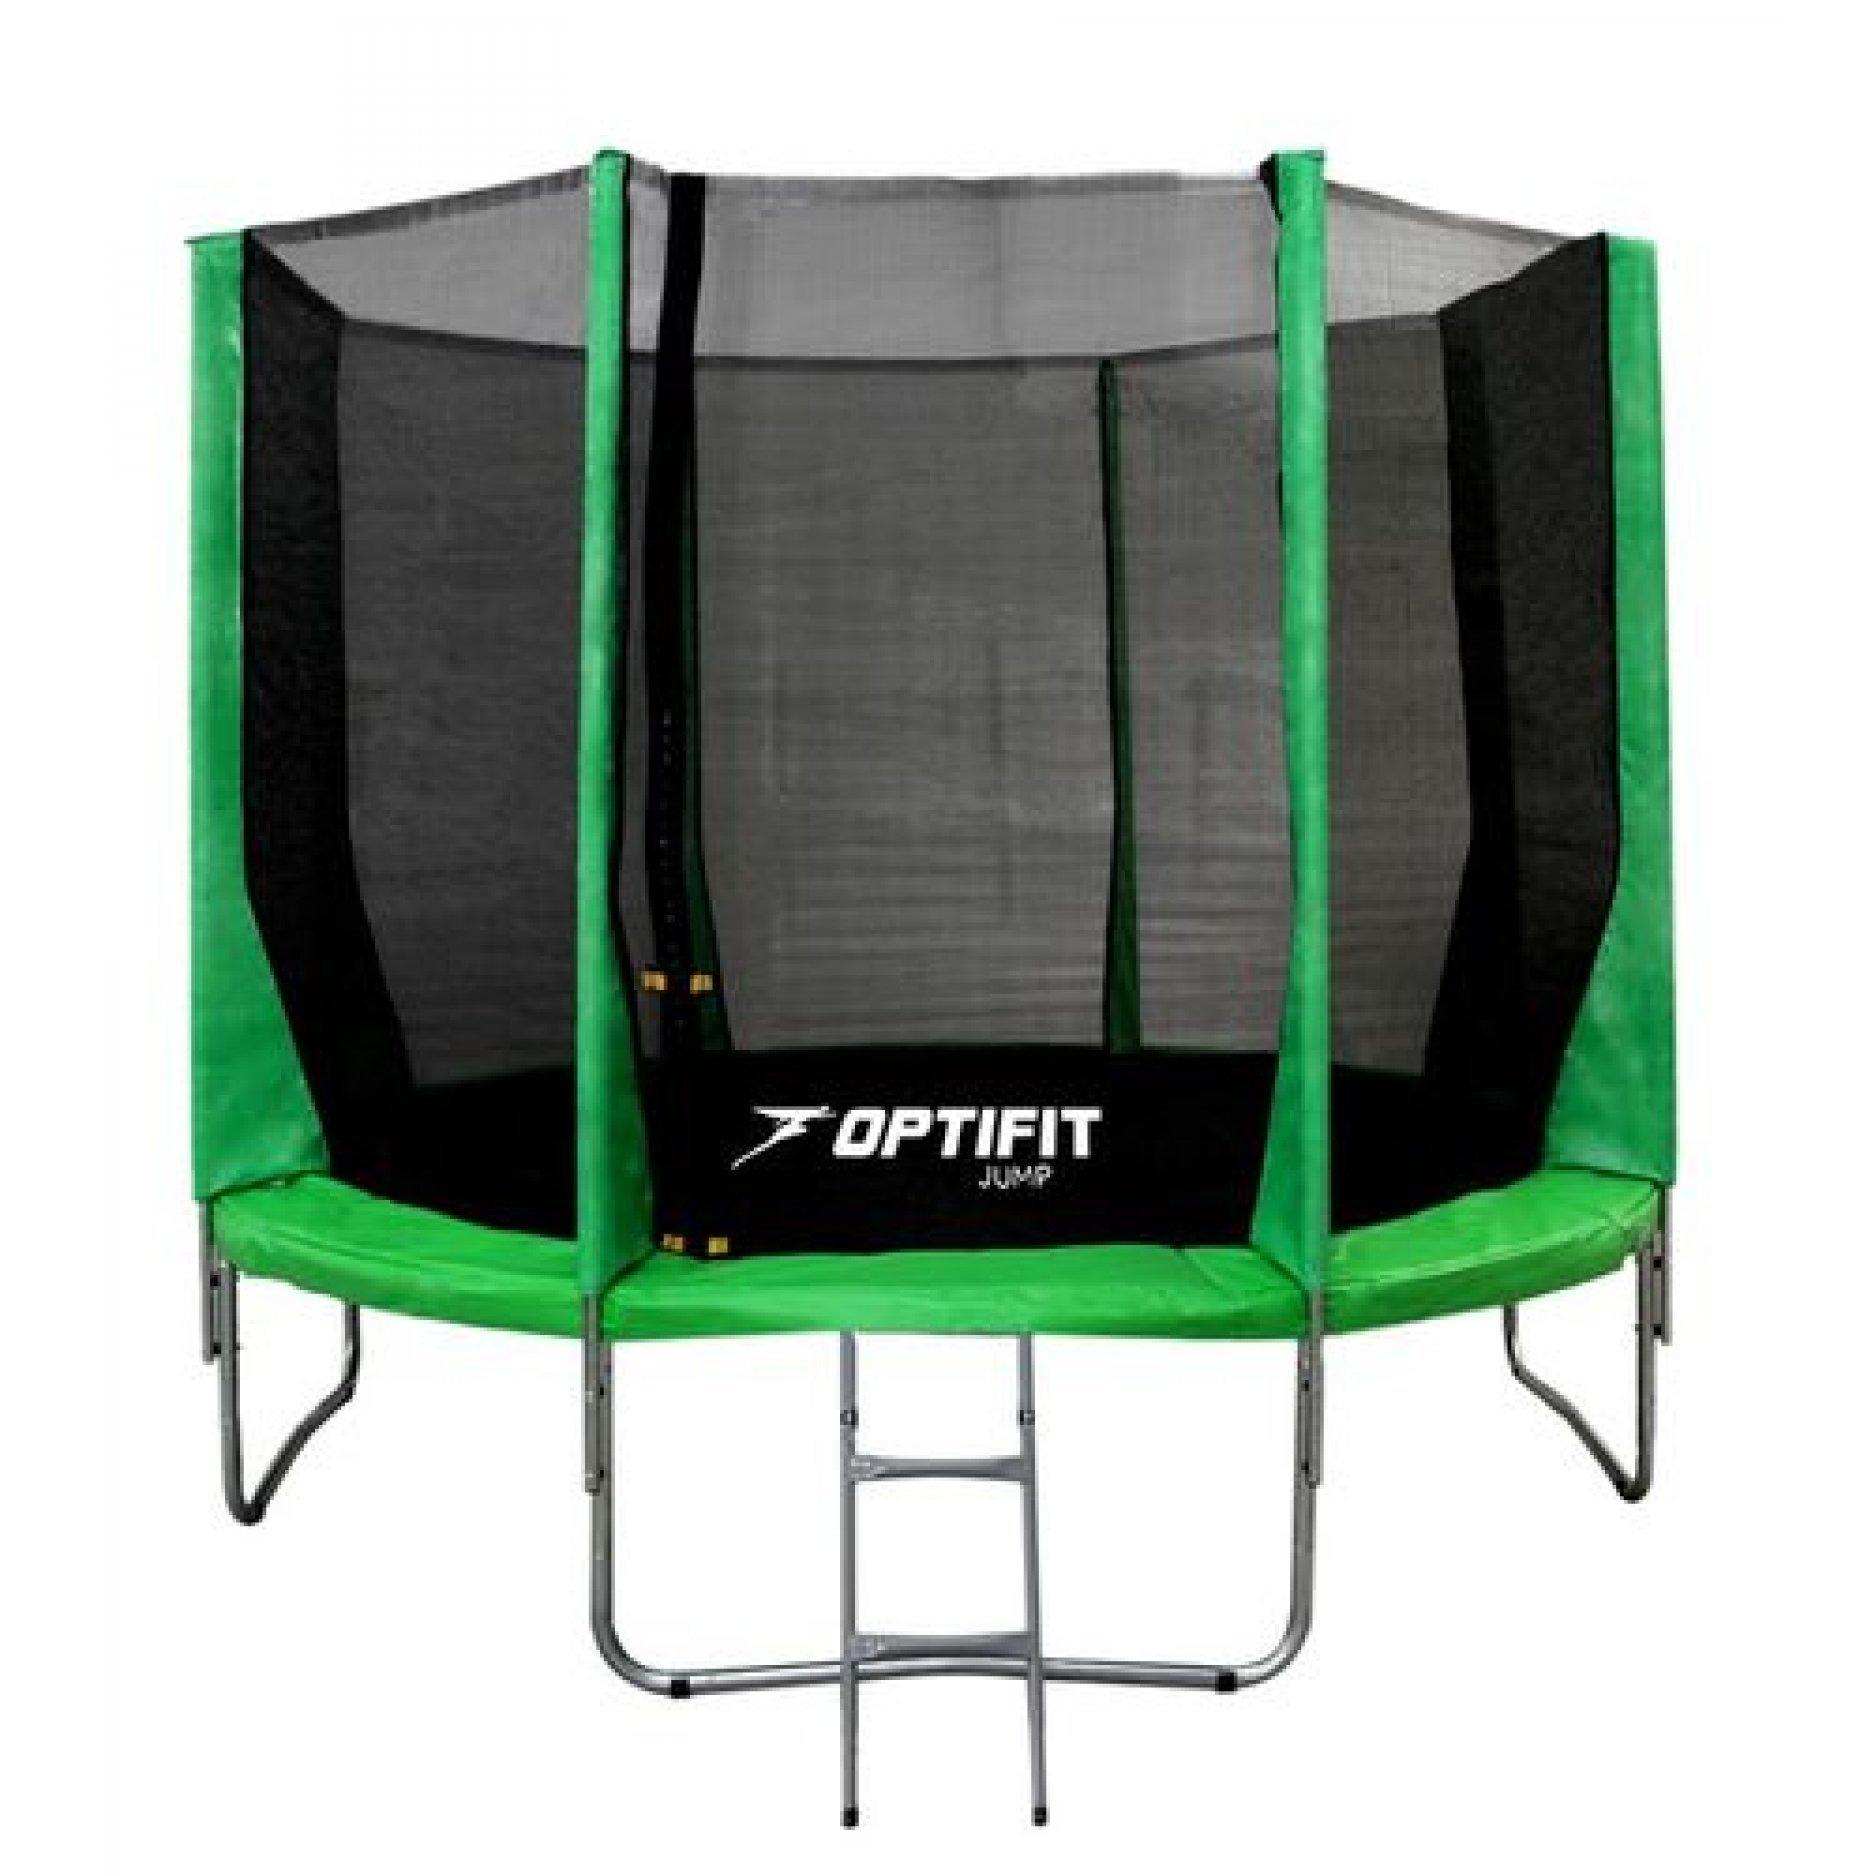 Батут OPTIFIT JUMP 10FT зеленый